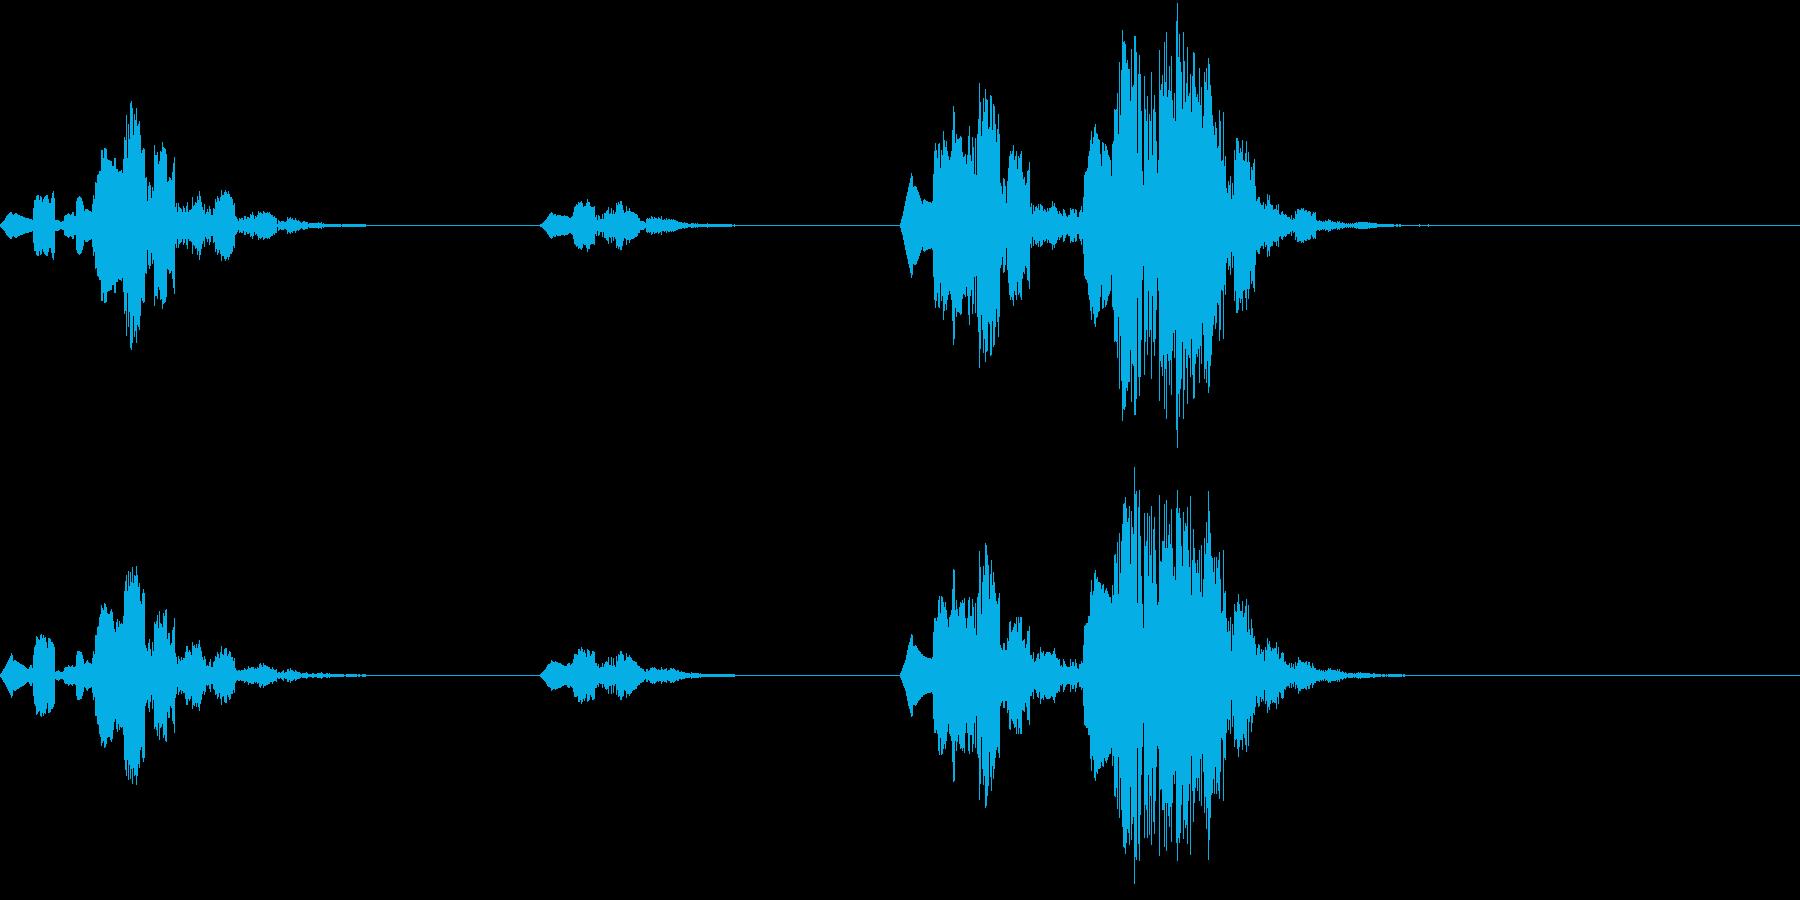 Jungle Monkeys 猿の鳴き声の再生済みの波形